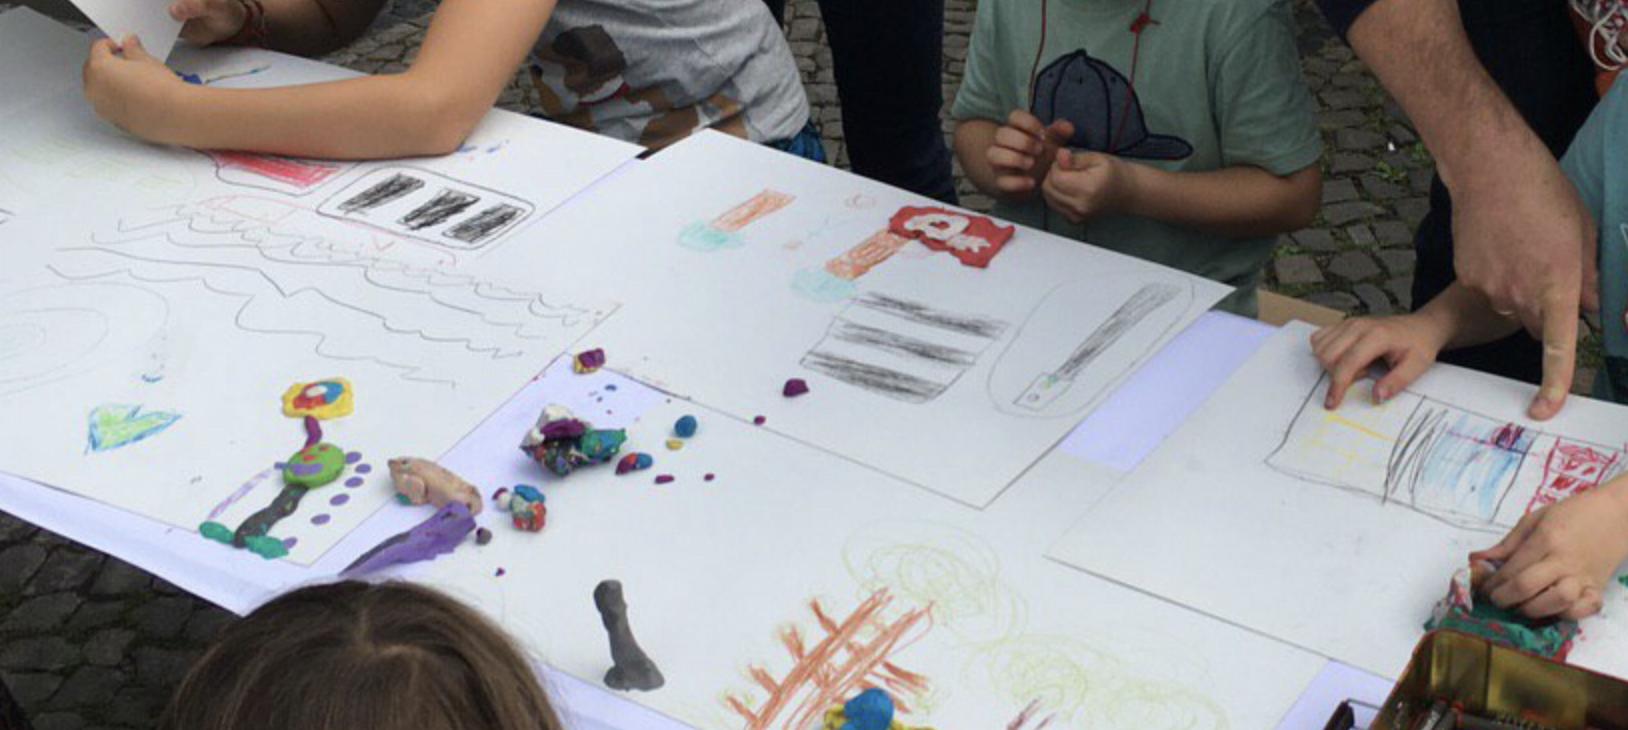 Kinder beim Malen ihrer Wünsche für den Karl-August-Kiez, Charlottenburg.